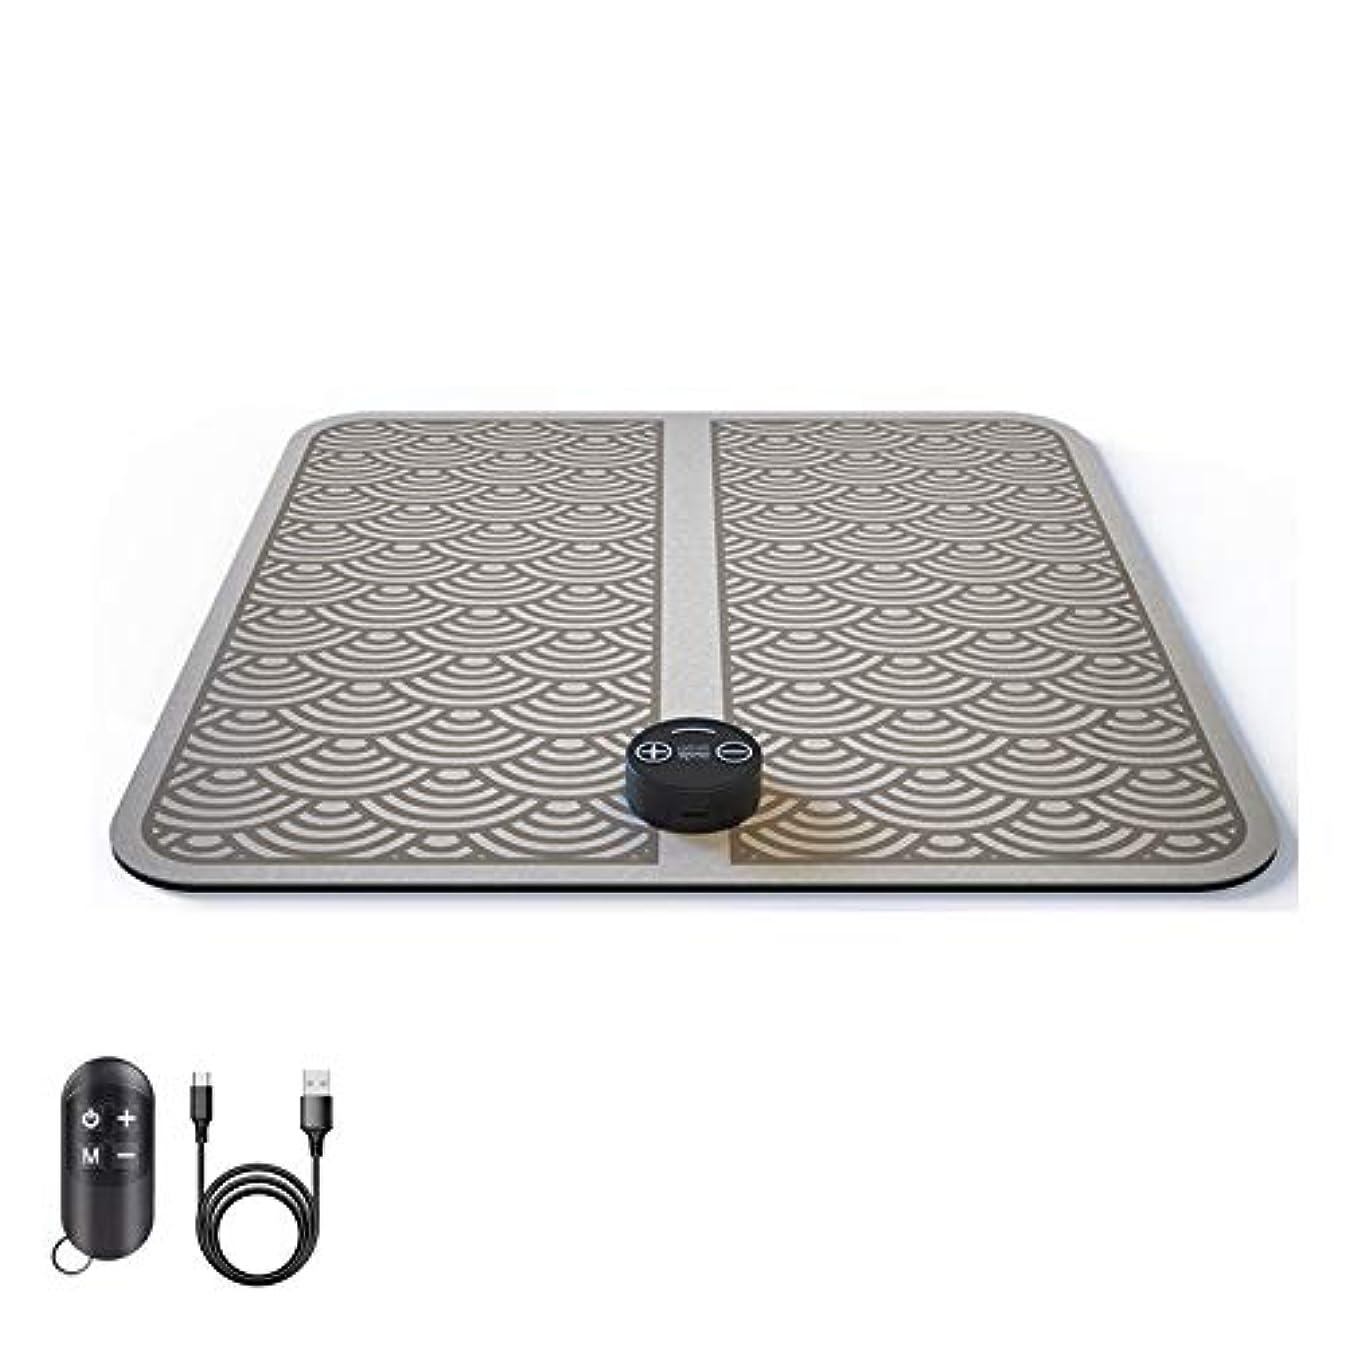 ワインつかの間辛なEMSフットマッサージャー電動フットマッサージャー、折り畳み式ポータブル電動マッサージクッション、リモートコントロールフットマッサージャーフットマッサージャーUSB充電式電子筋肉刺激装置